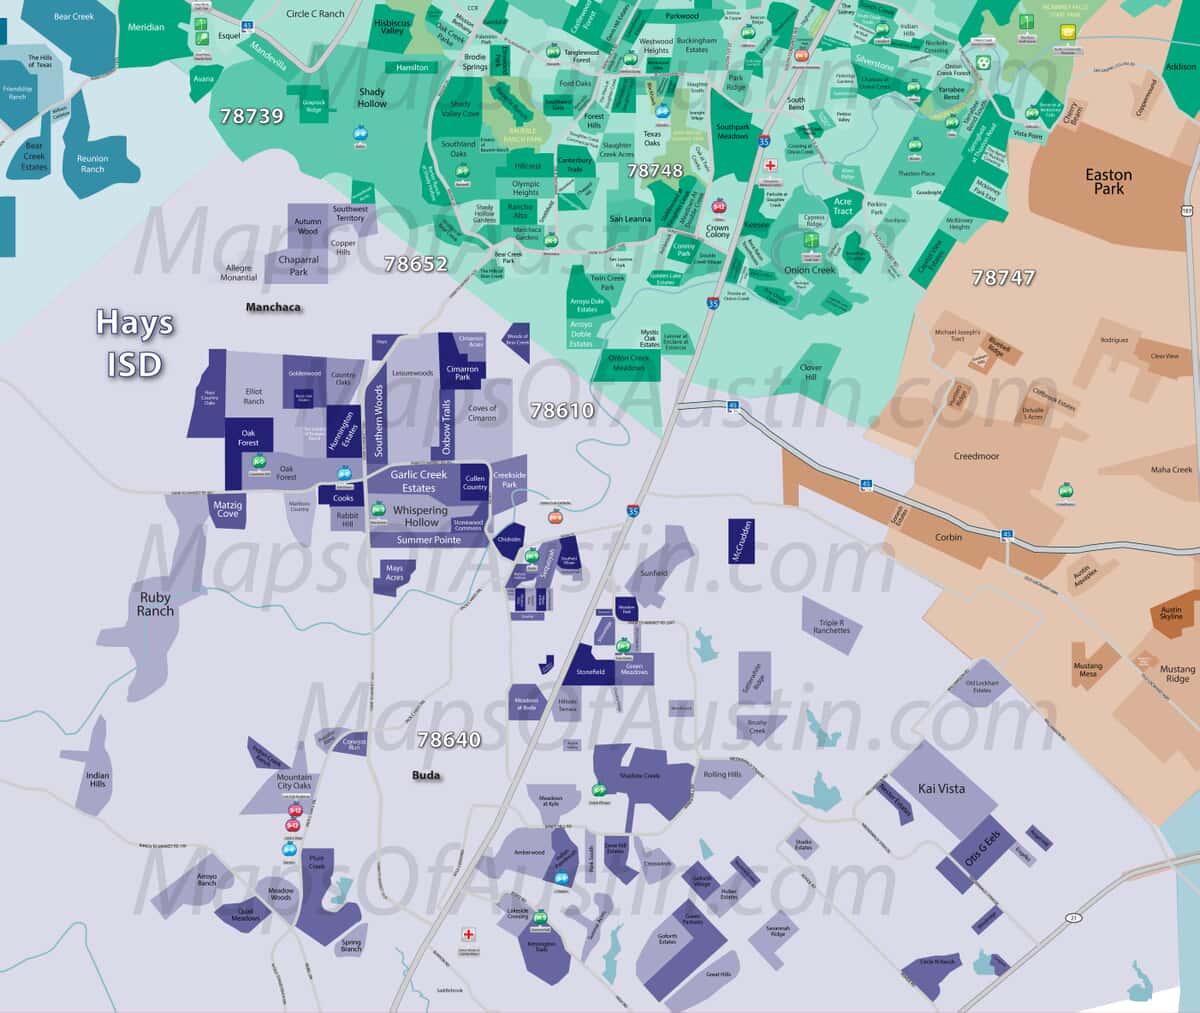 Buda, TX Neighborhood Map - Hays County Neighborhood Map ... on map of buenaventura lakes florida, map of clermont florida, map of mulberry florida, map of winter haven florida, map of greenville florida, map of maderia beach florida, map of ramrod key florida, map of deer island florida, map of big coppitt key florida, map of stuart island florida, map of little torch key florida, map of altoona florida, map of north orlando florida, map of dover florida, map of lake hamilton florida, map of mississippi florida, map of loveland florida, map of lake mary florida, map of chokoloskee florida, map of riverside florida,